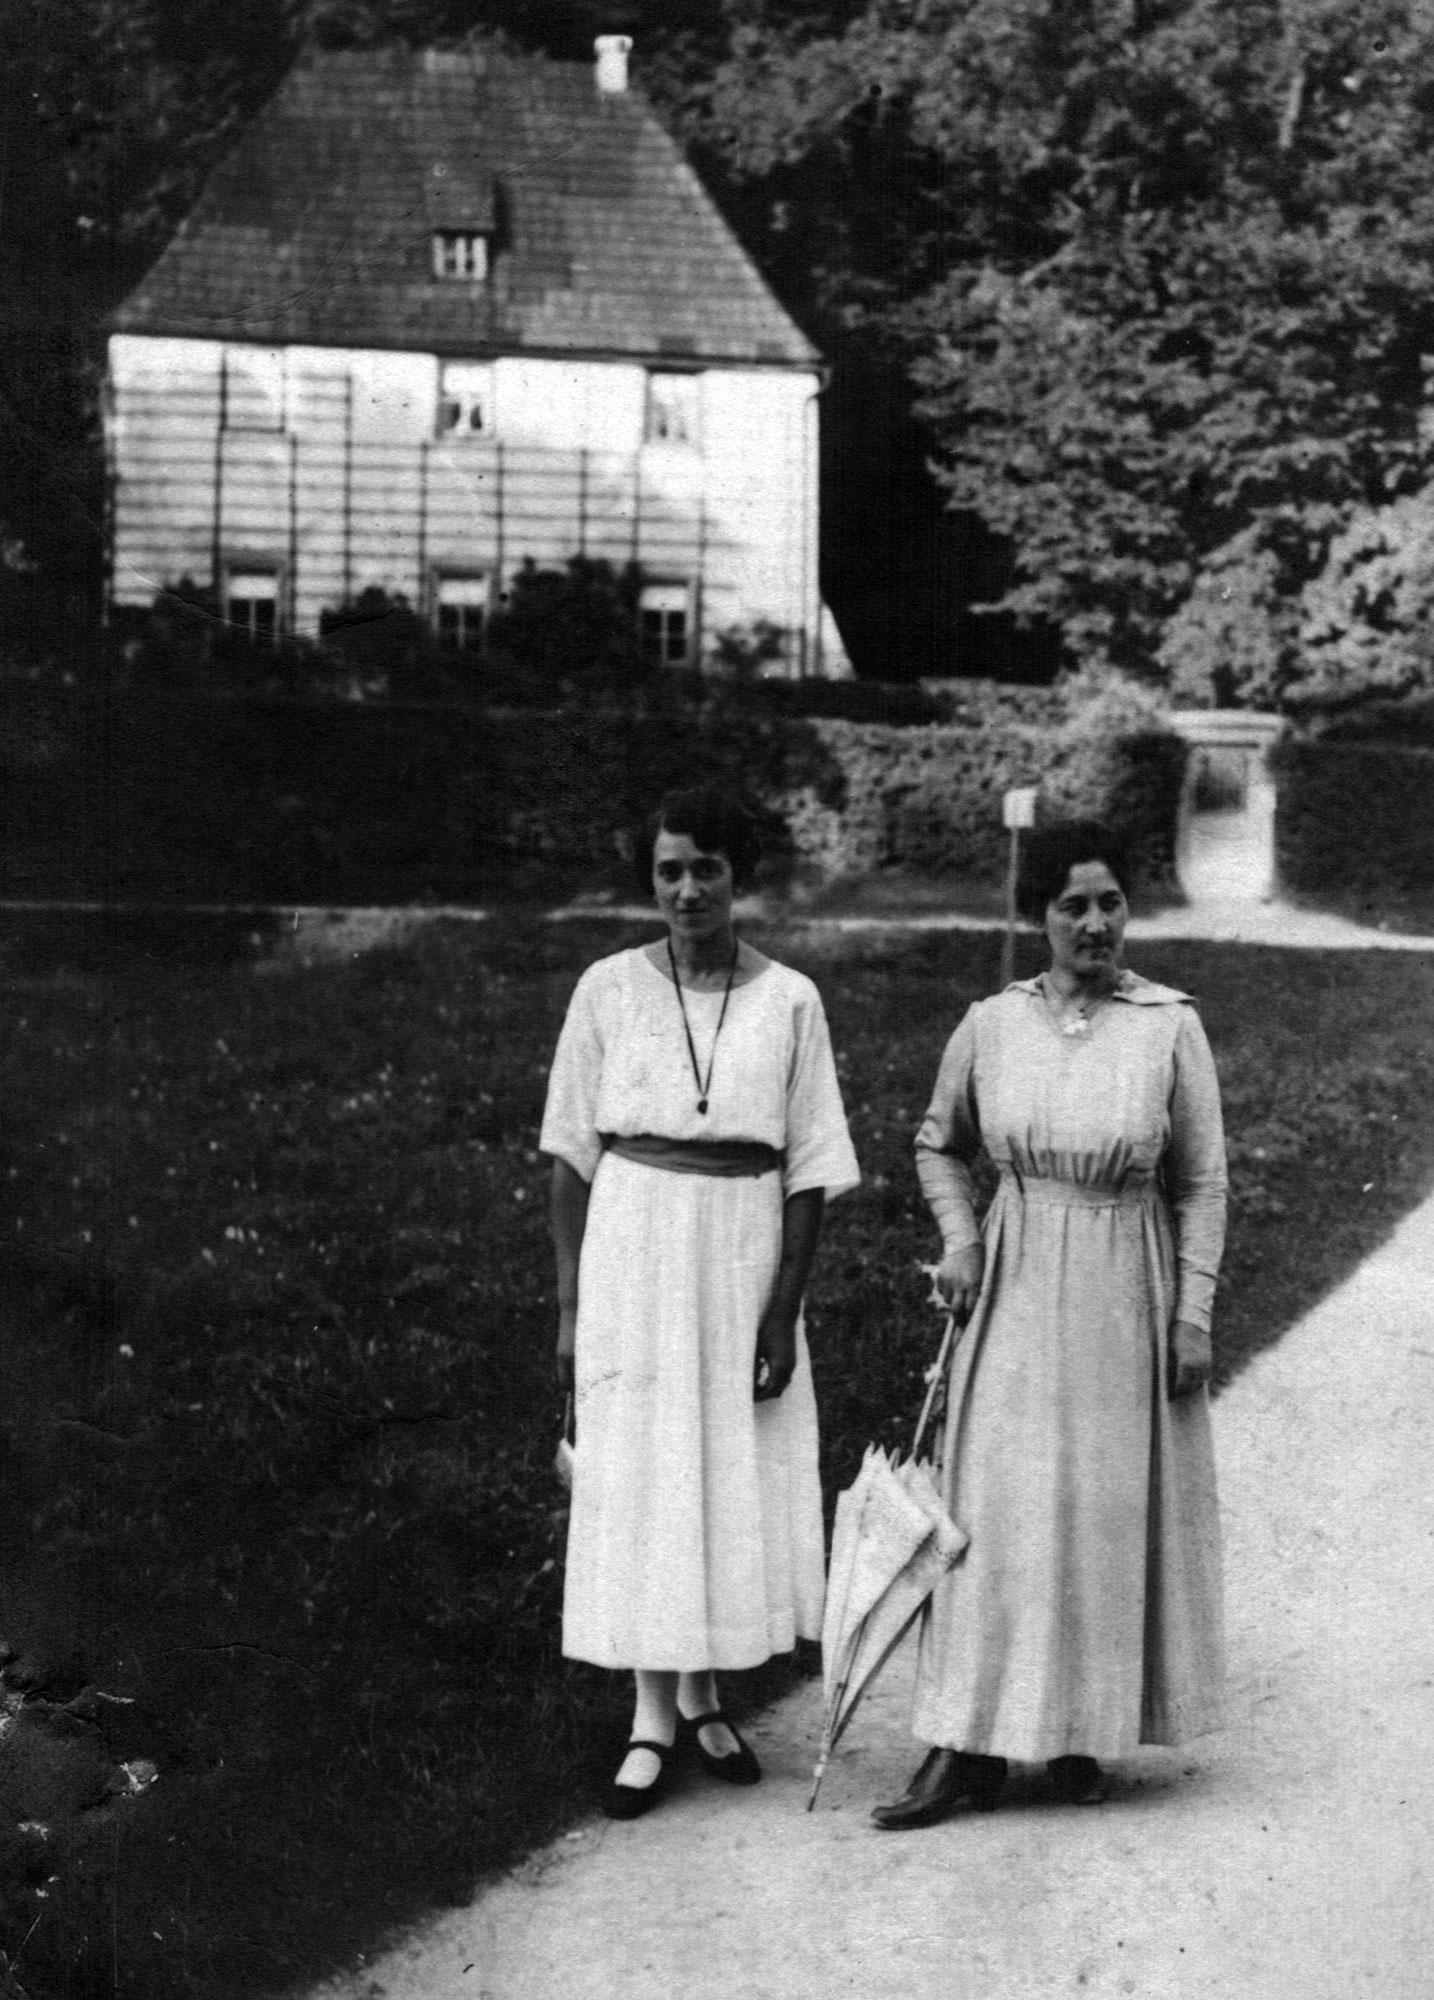 Wally Goldschmidt und ihre Mutter Henriette beim Spaziergang im Ilmpark Weimar